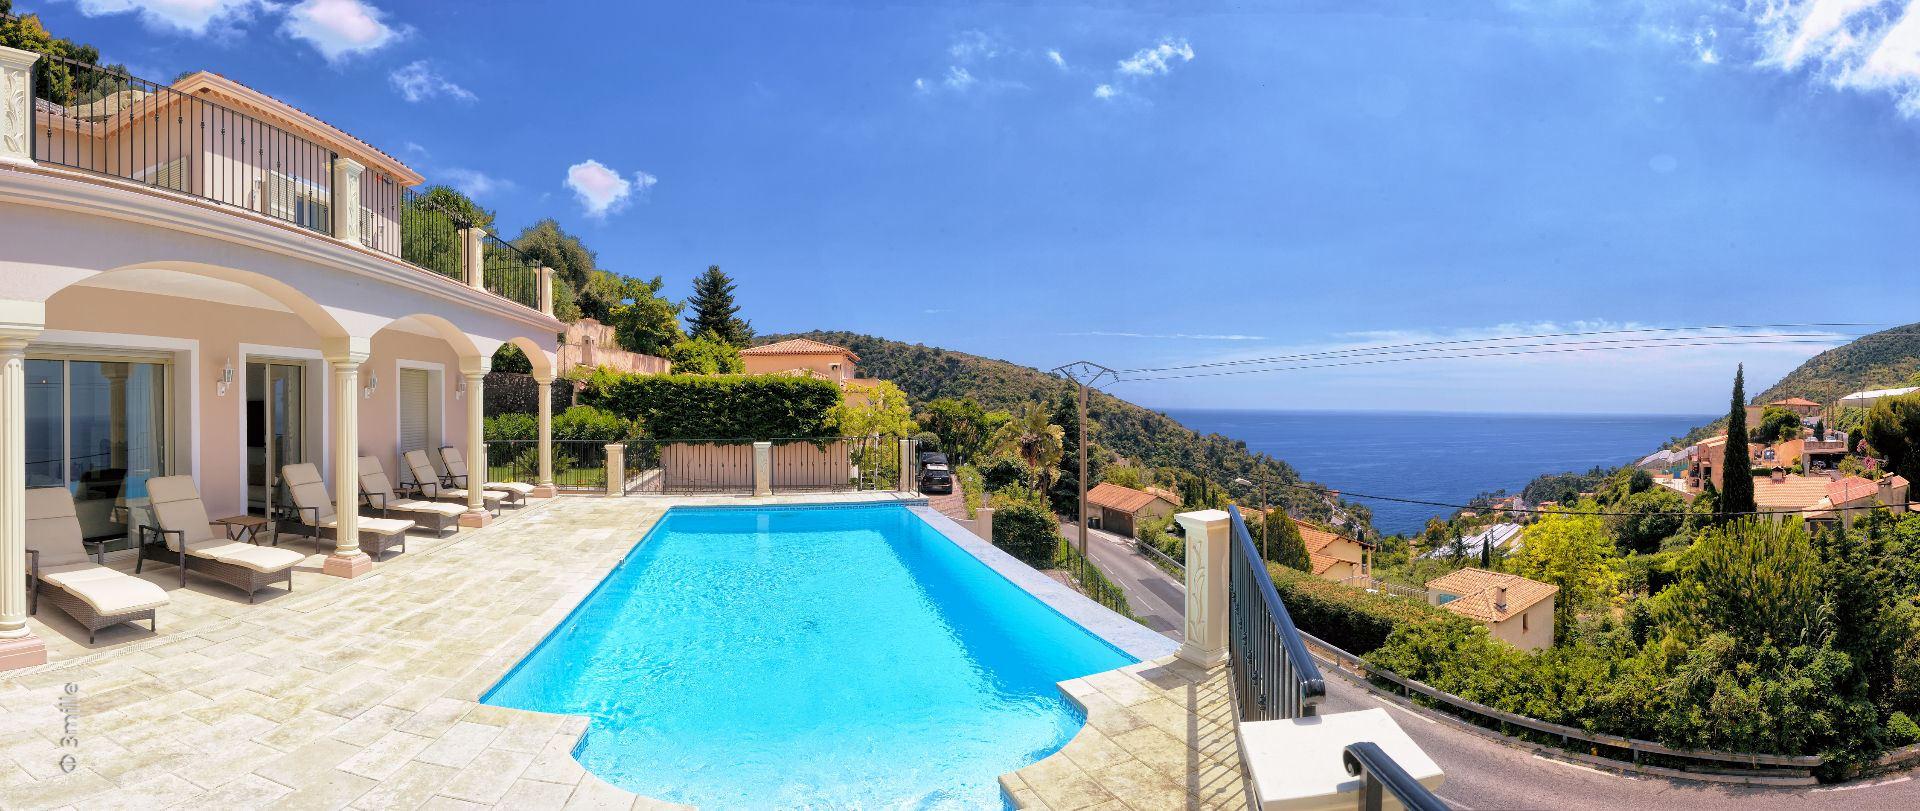 獨棟家庭住宅 為 出售 在 Provencal style villa - sea views Eze, 普羅旺斯阿爾卑斯藍色海岸 06360 法國